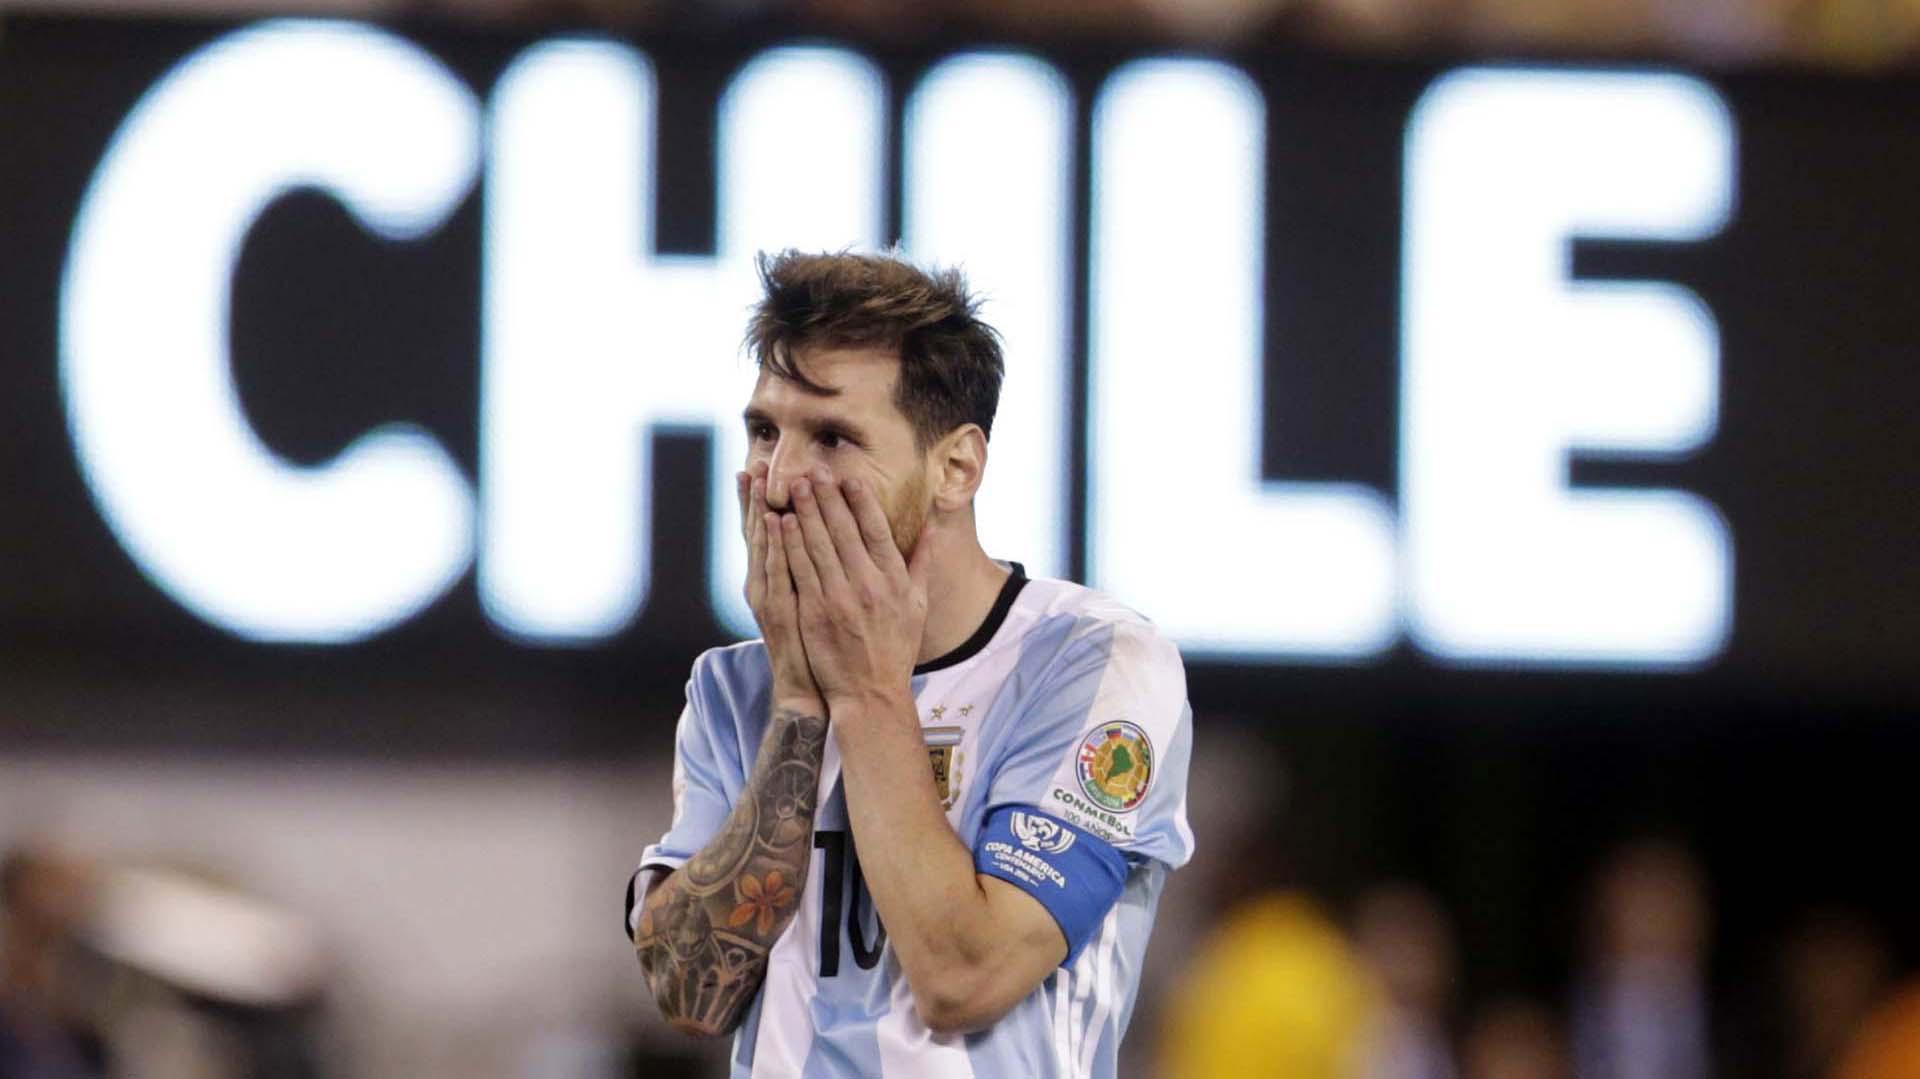 Después de la derrota ante Chile en la final de la Copa América, Lionel Messi presentó su renuncia a la selección argentina (Reuters)